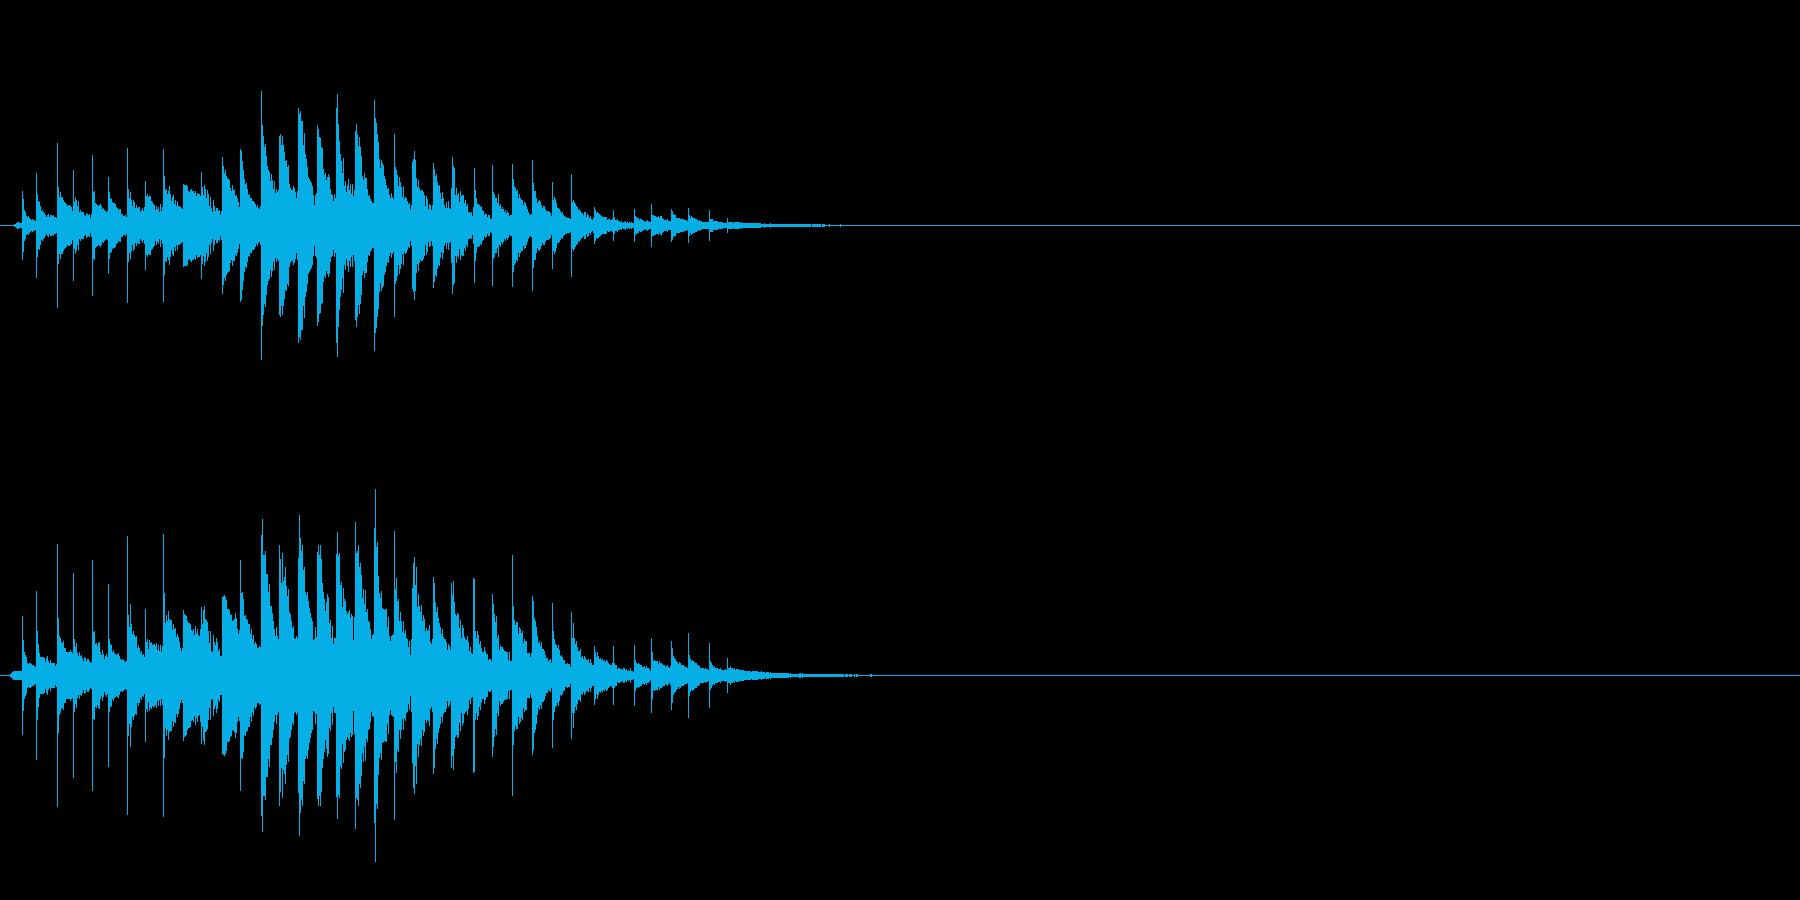 おばけ ちりちりちり(上がって下がる)の再生済みの波形